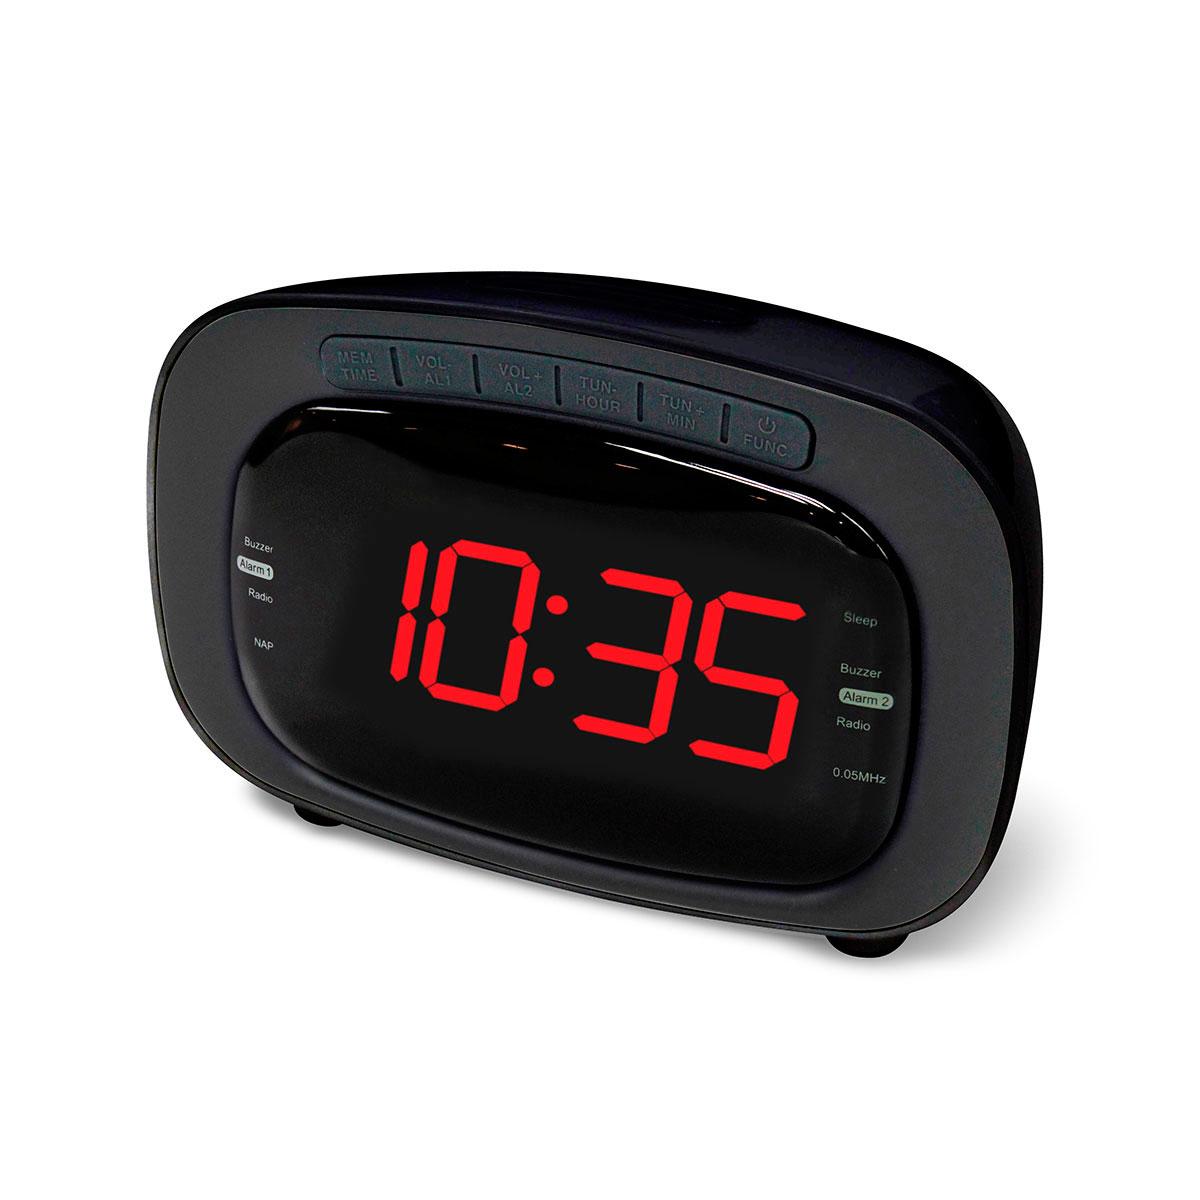 ea96dc32ddc Clockradio LCD Sort (Vækkeur med FM radio) CR-422